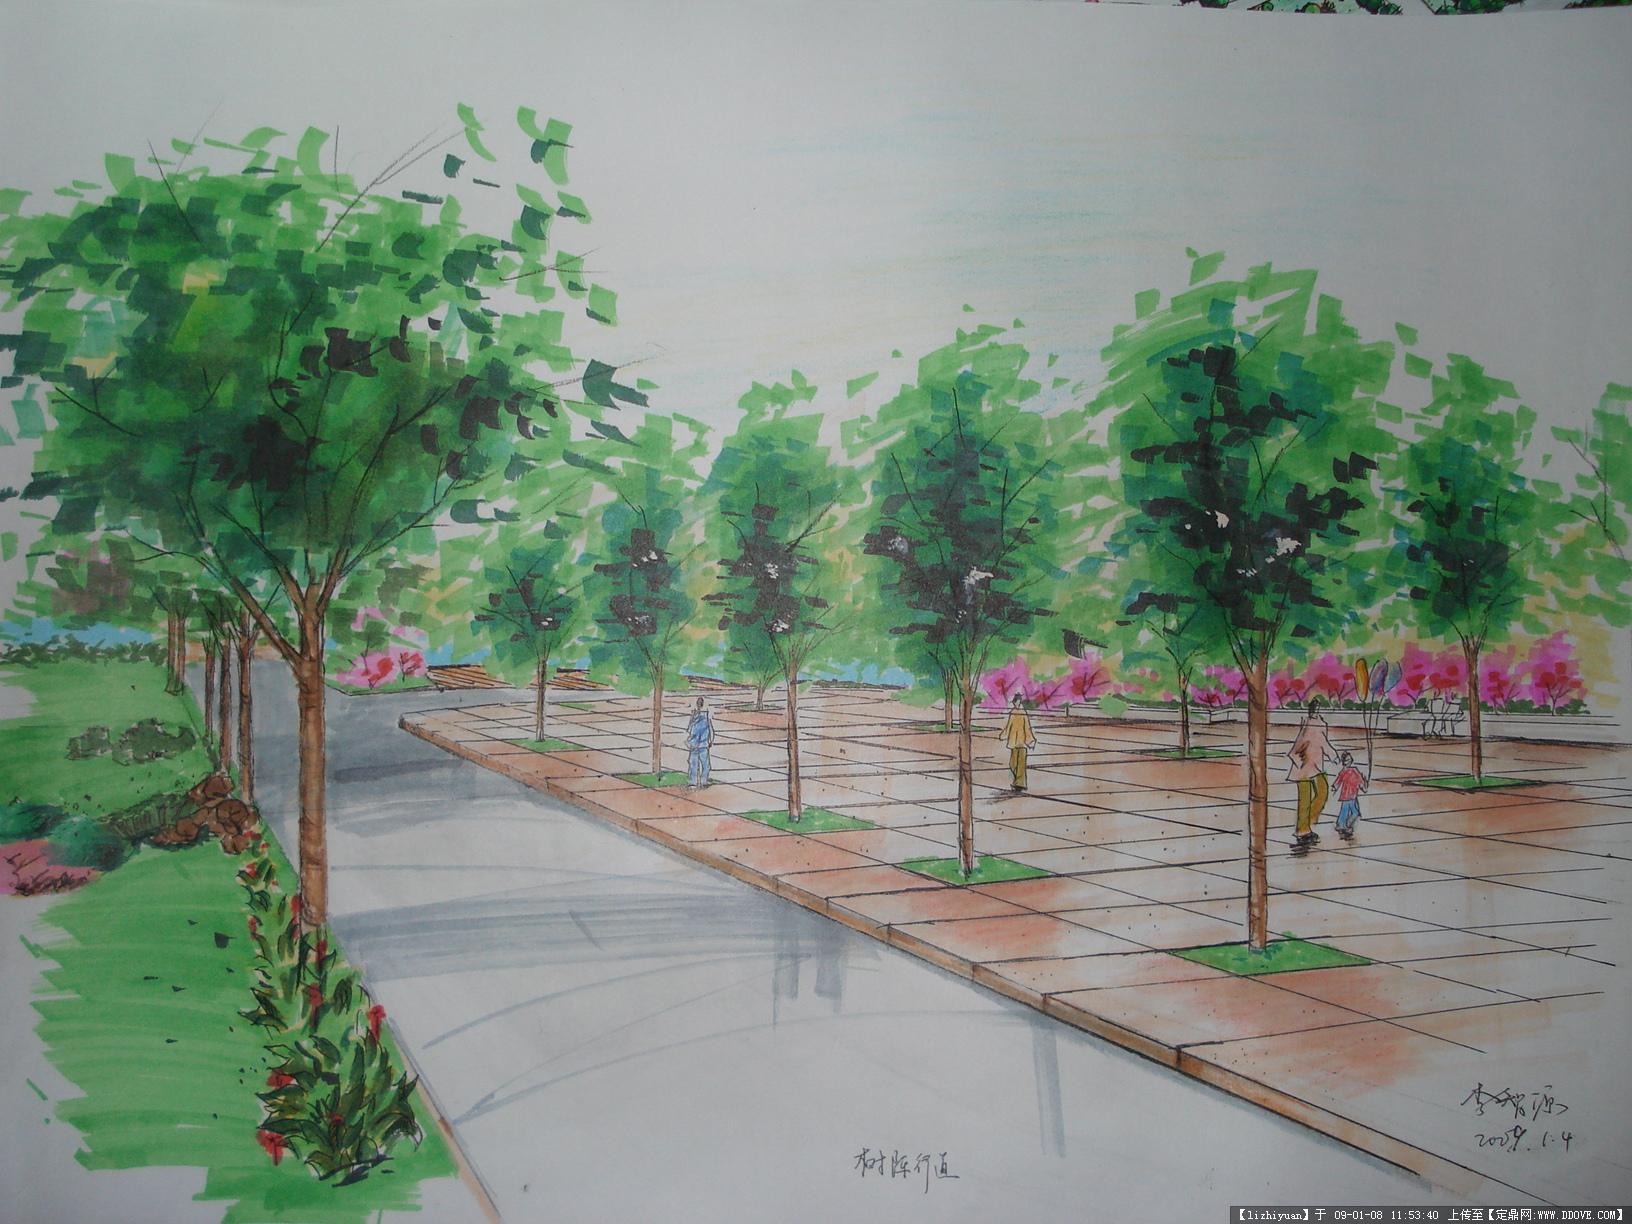 广场入口手绘效果图图片展示; 景观公园入口手绘图片分享; 刘海软化前